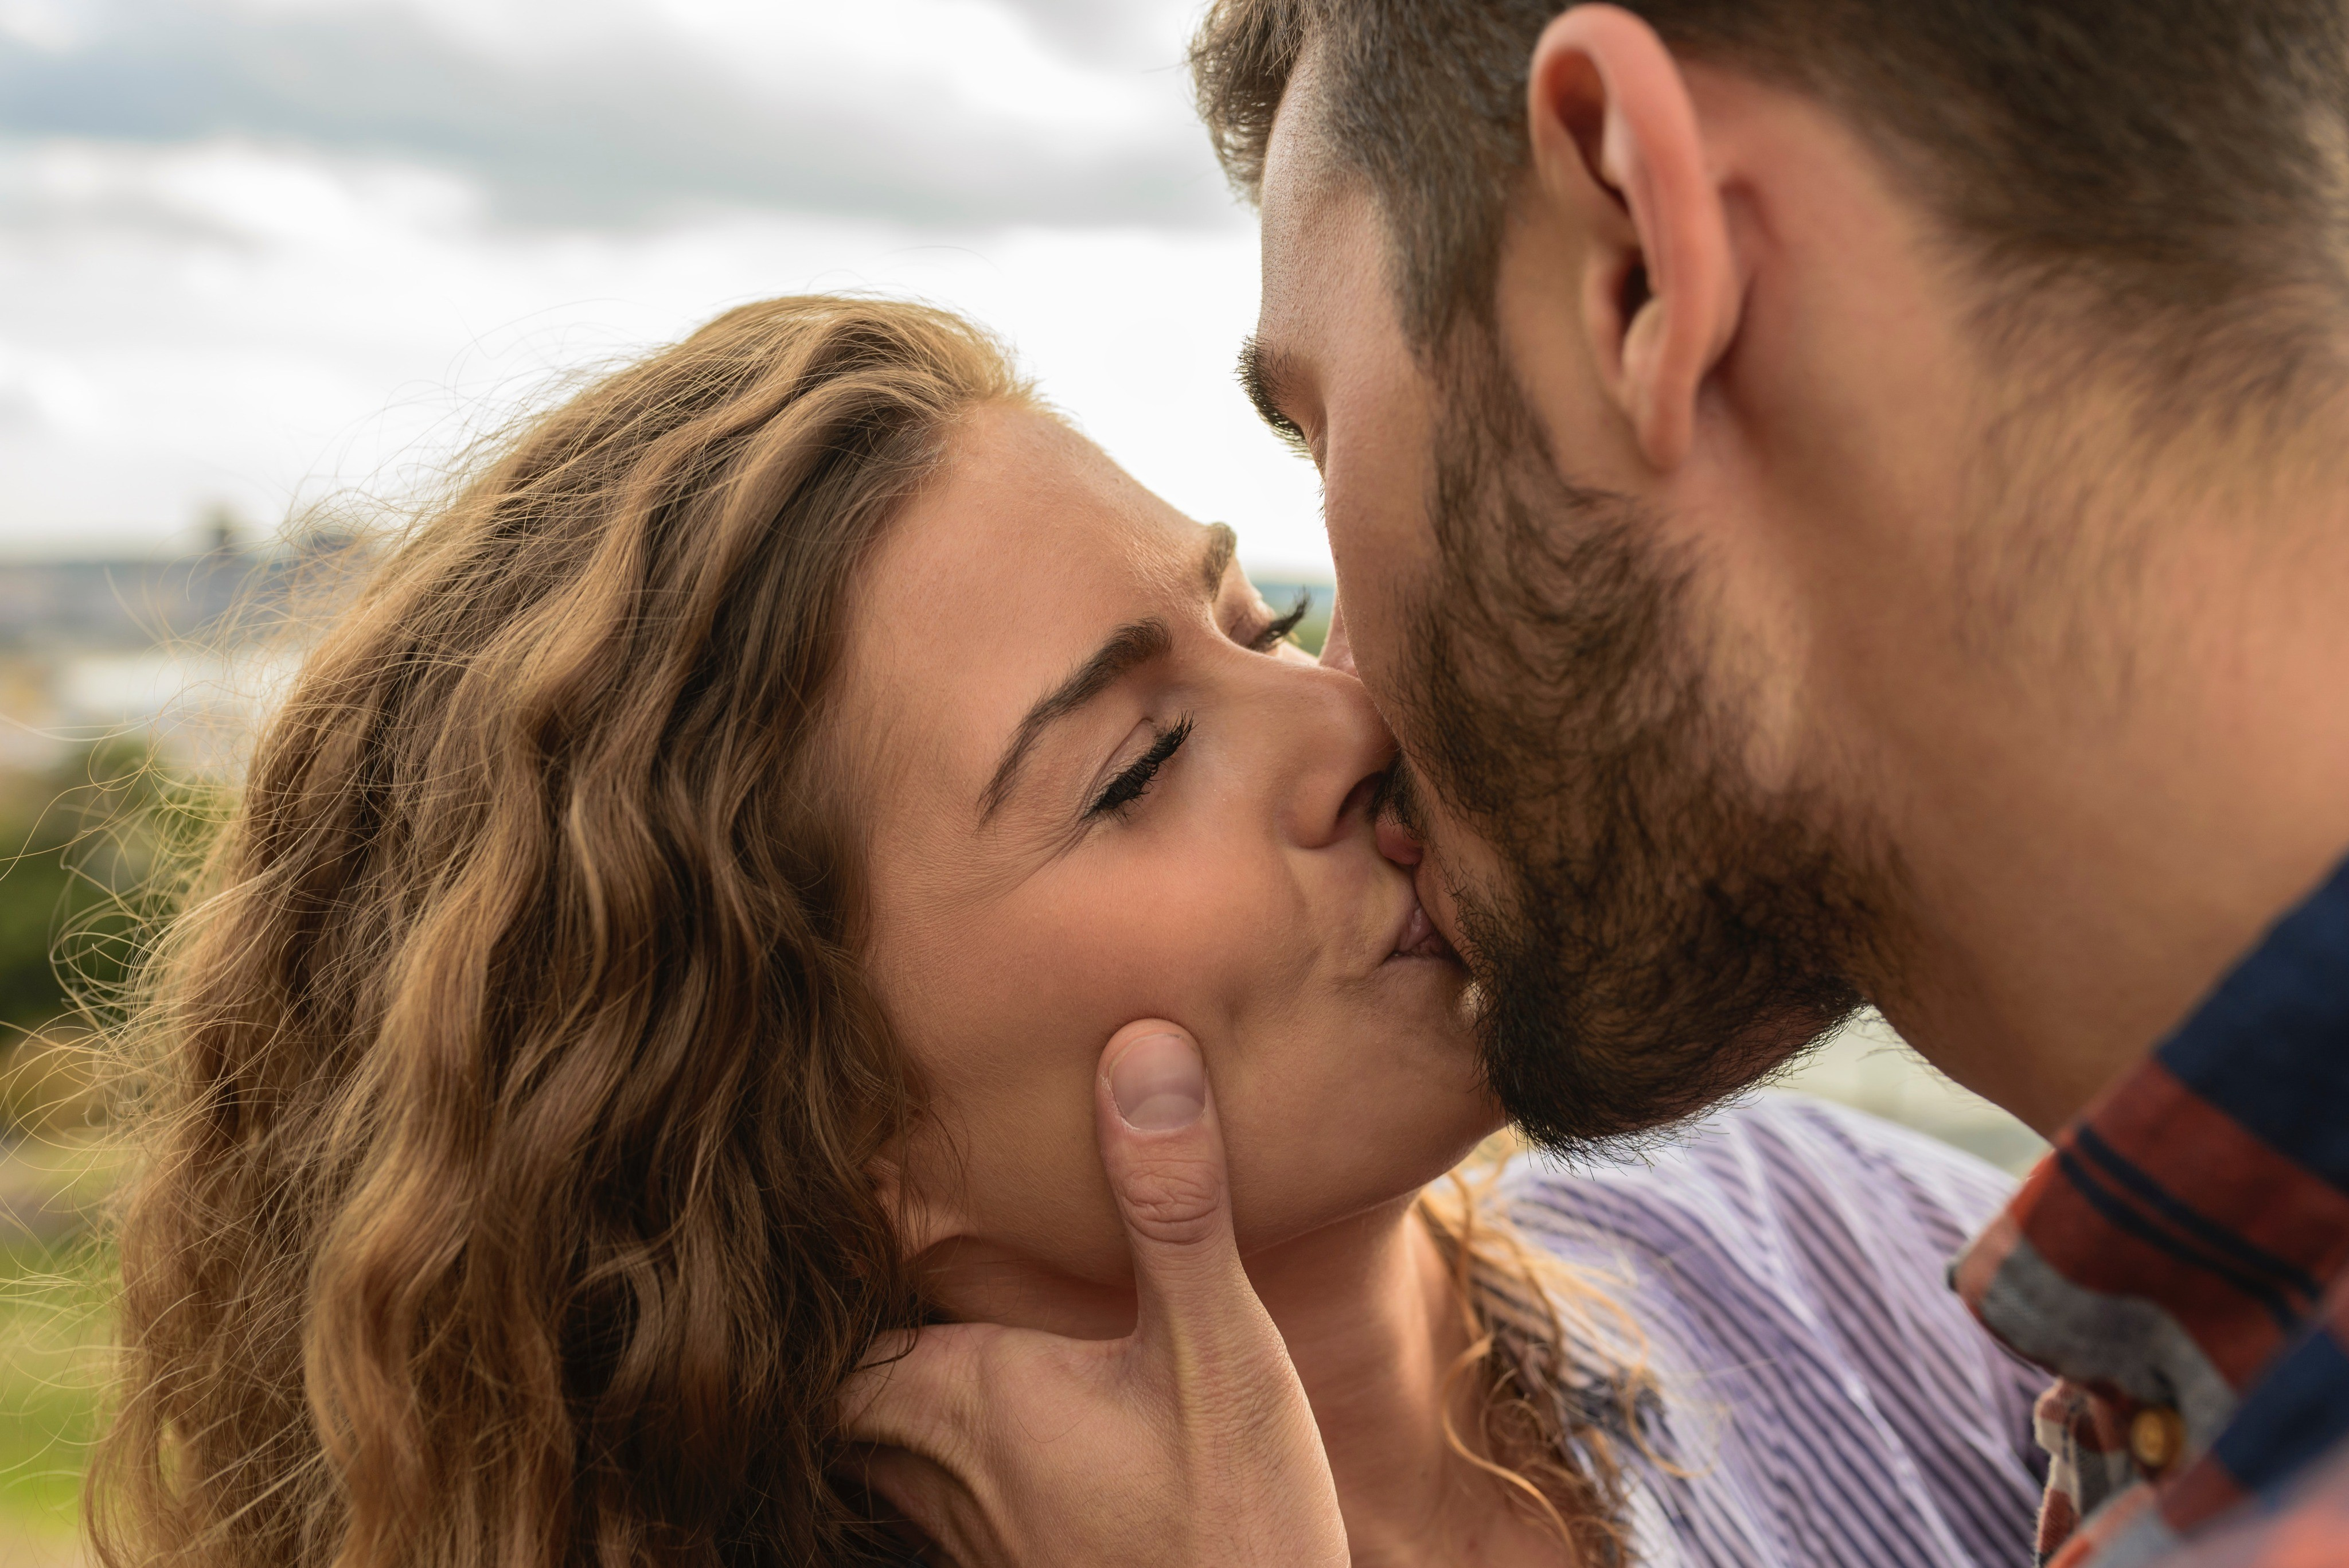 Поцелуй в зоне бикини смотреть онлайн